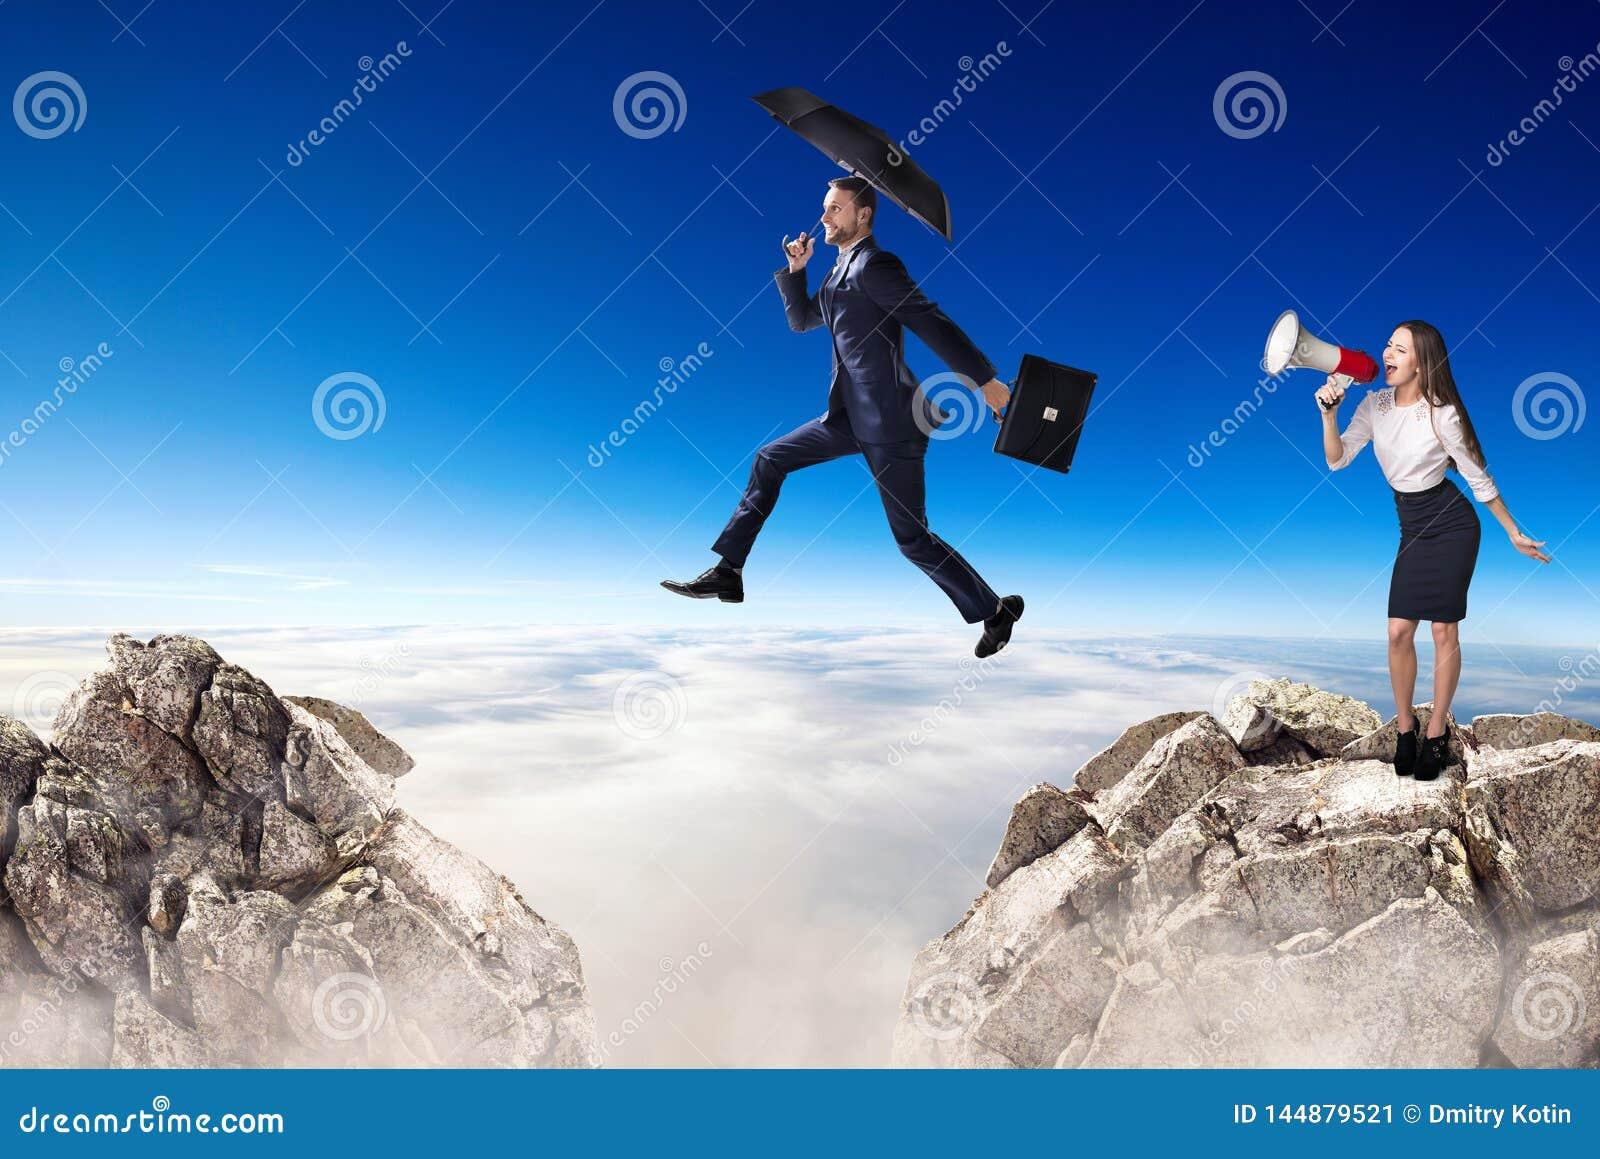 O homem de neg?cios que salta sobre um penhasco e um colega cheering com megafone